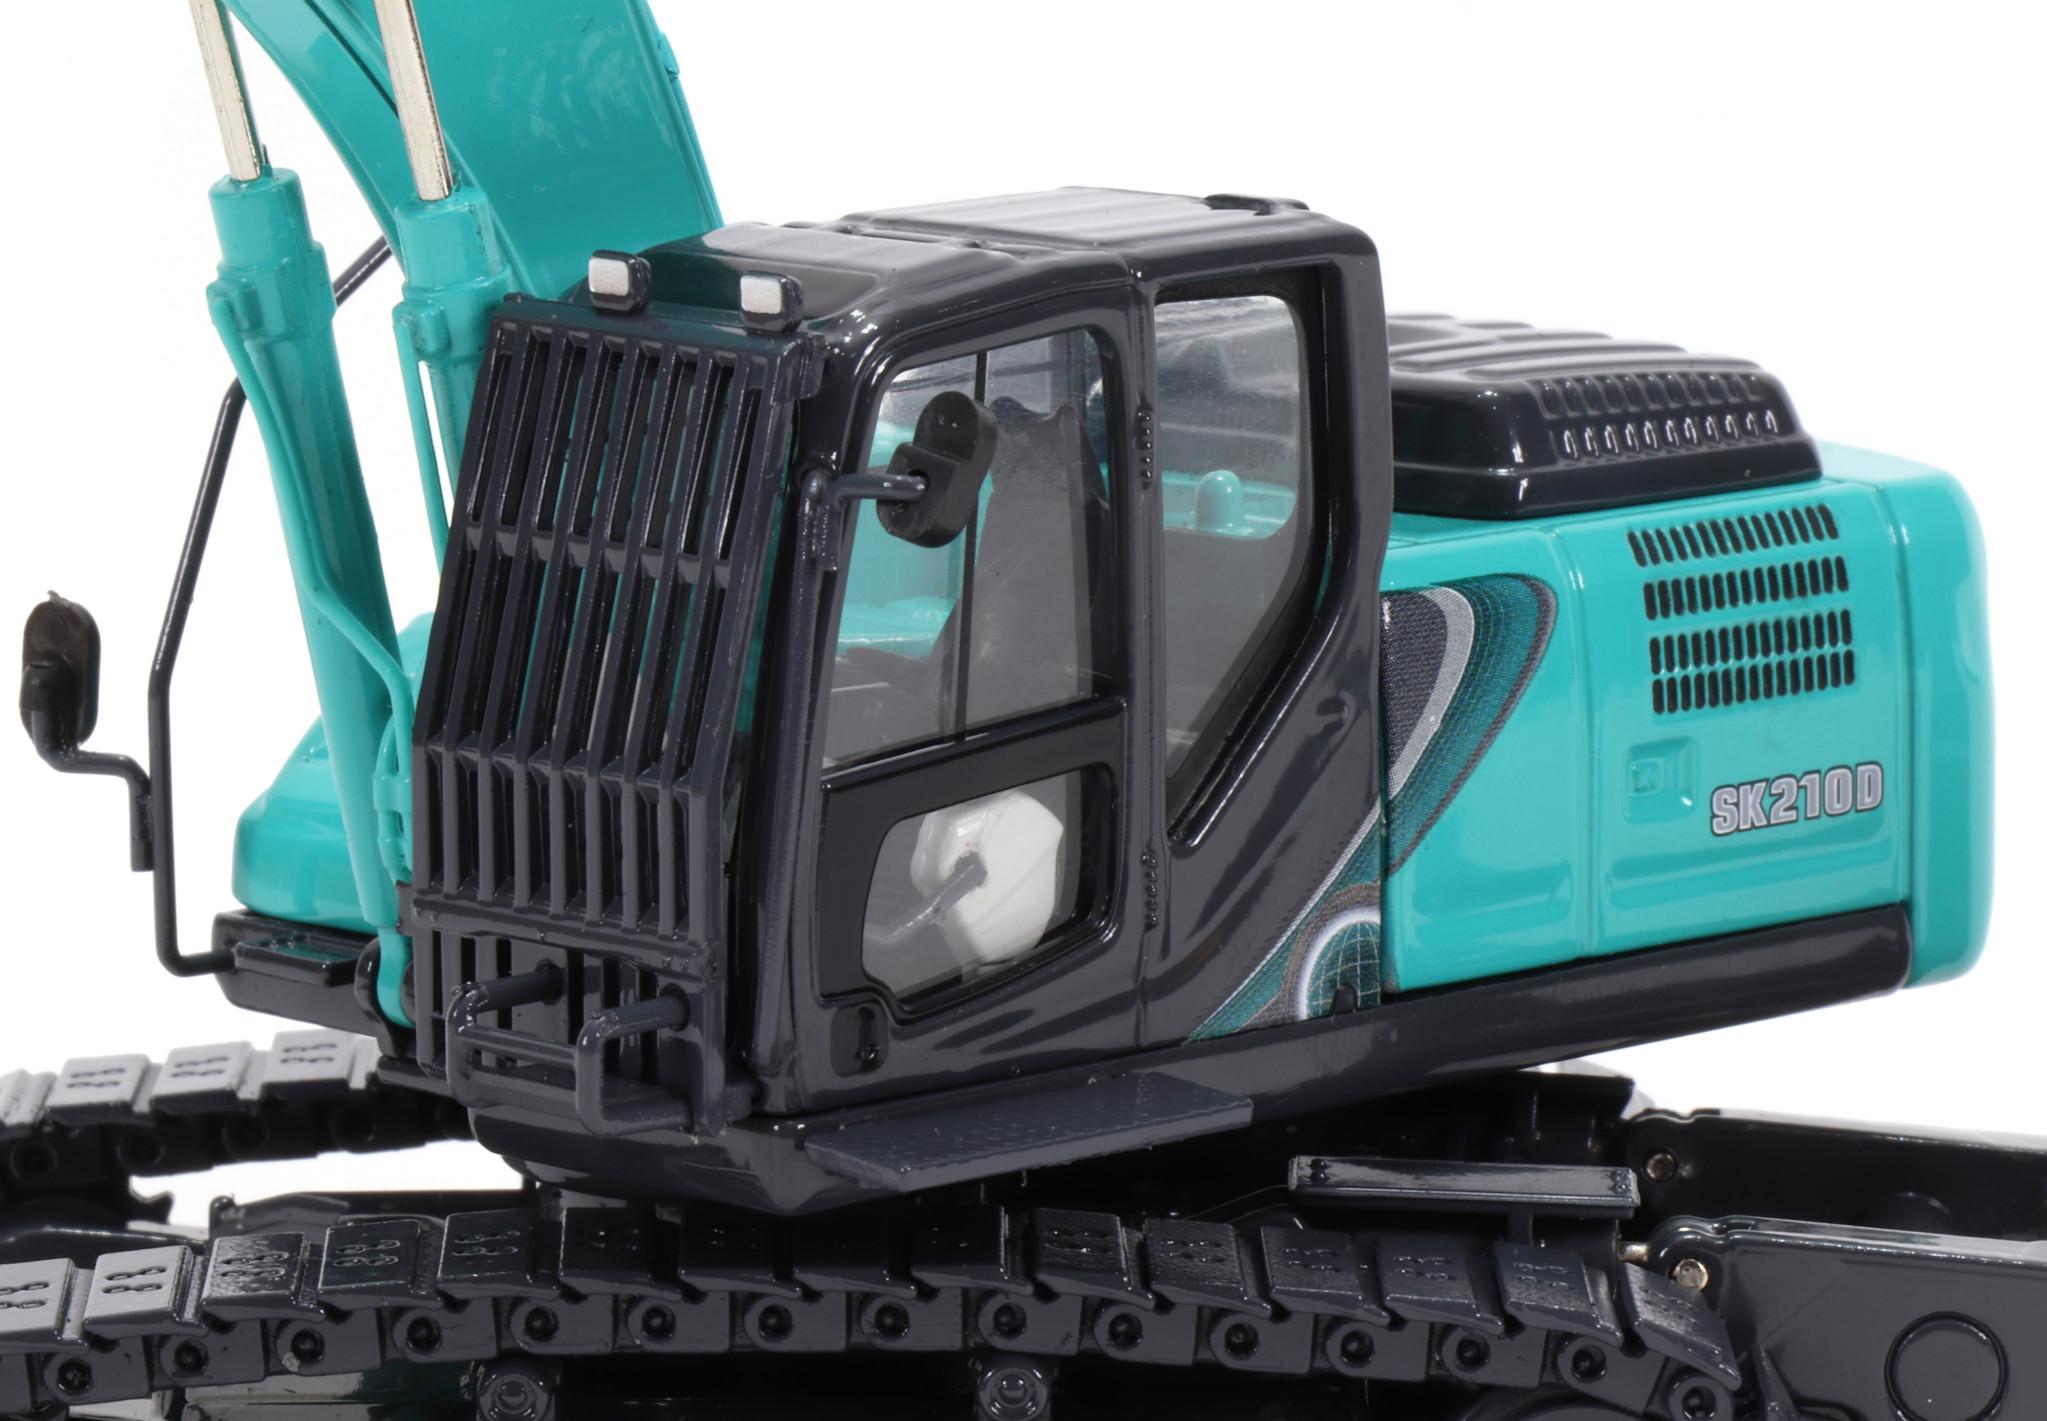 Motorart SK210D-10 Modello in scala di demolizione per auto